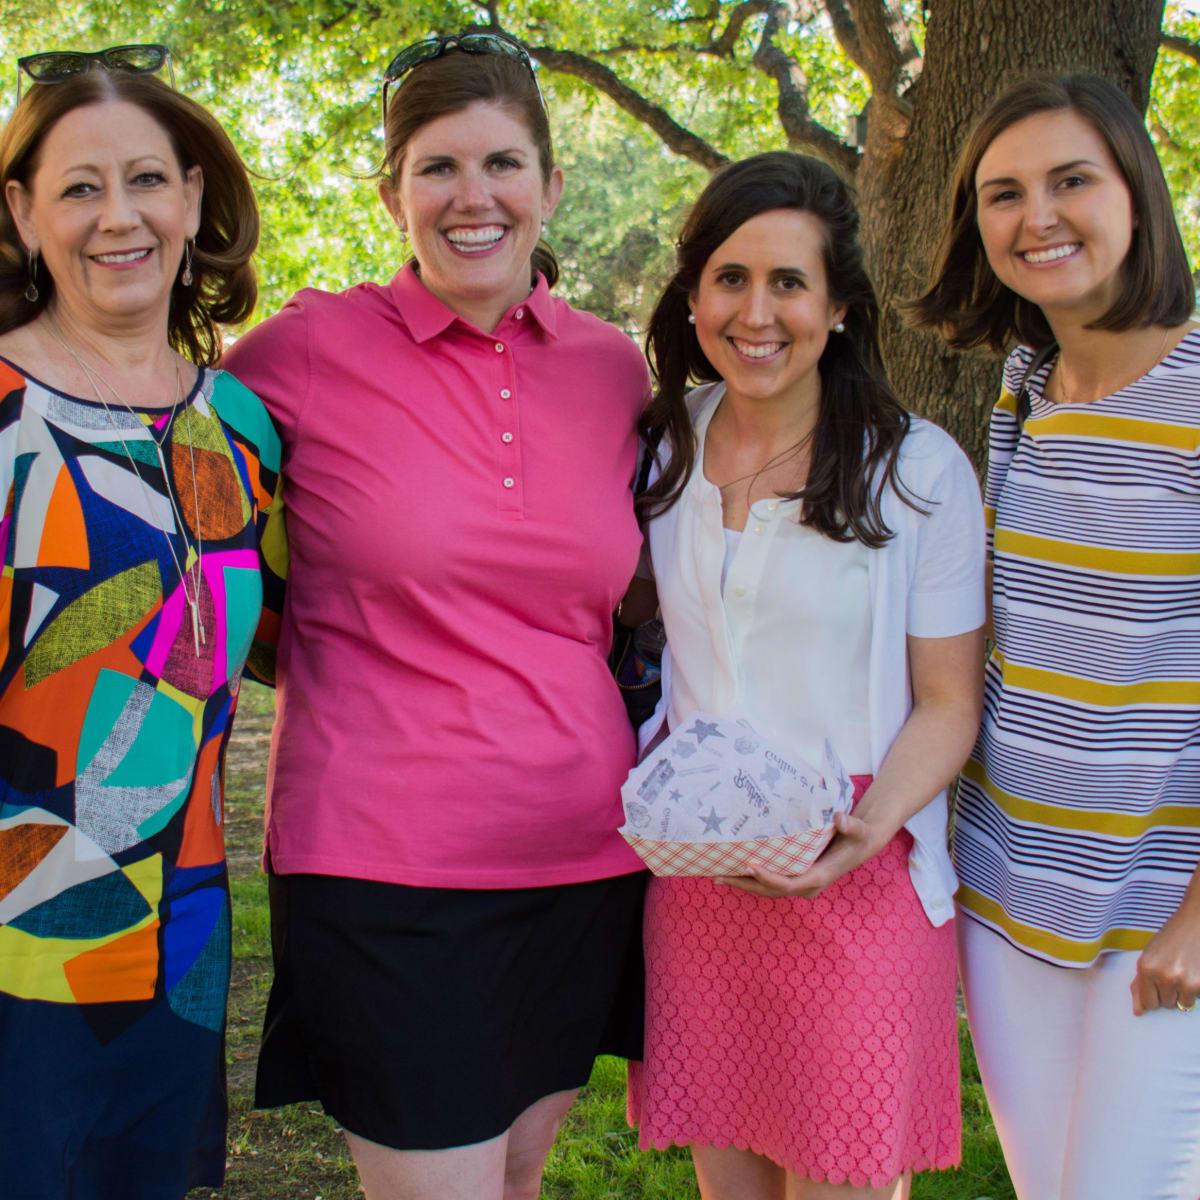 Stephanie Brigger, Meg Boyd, Taylor Fisher, Paige McWay